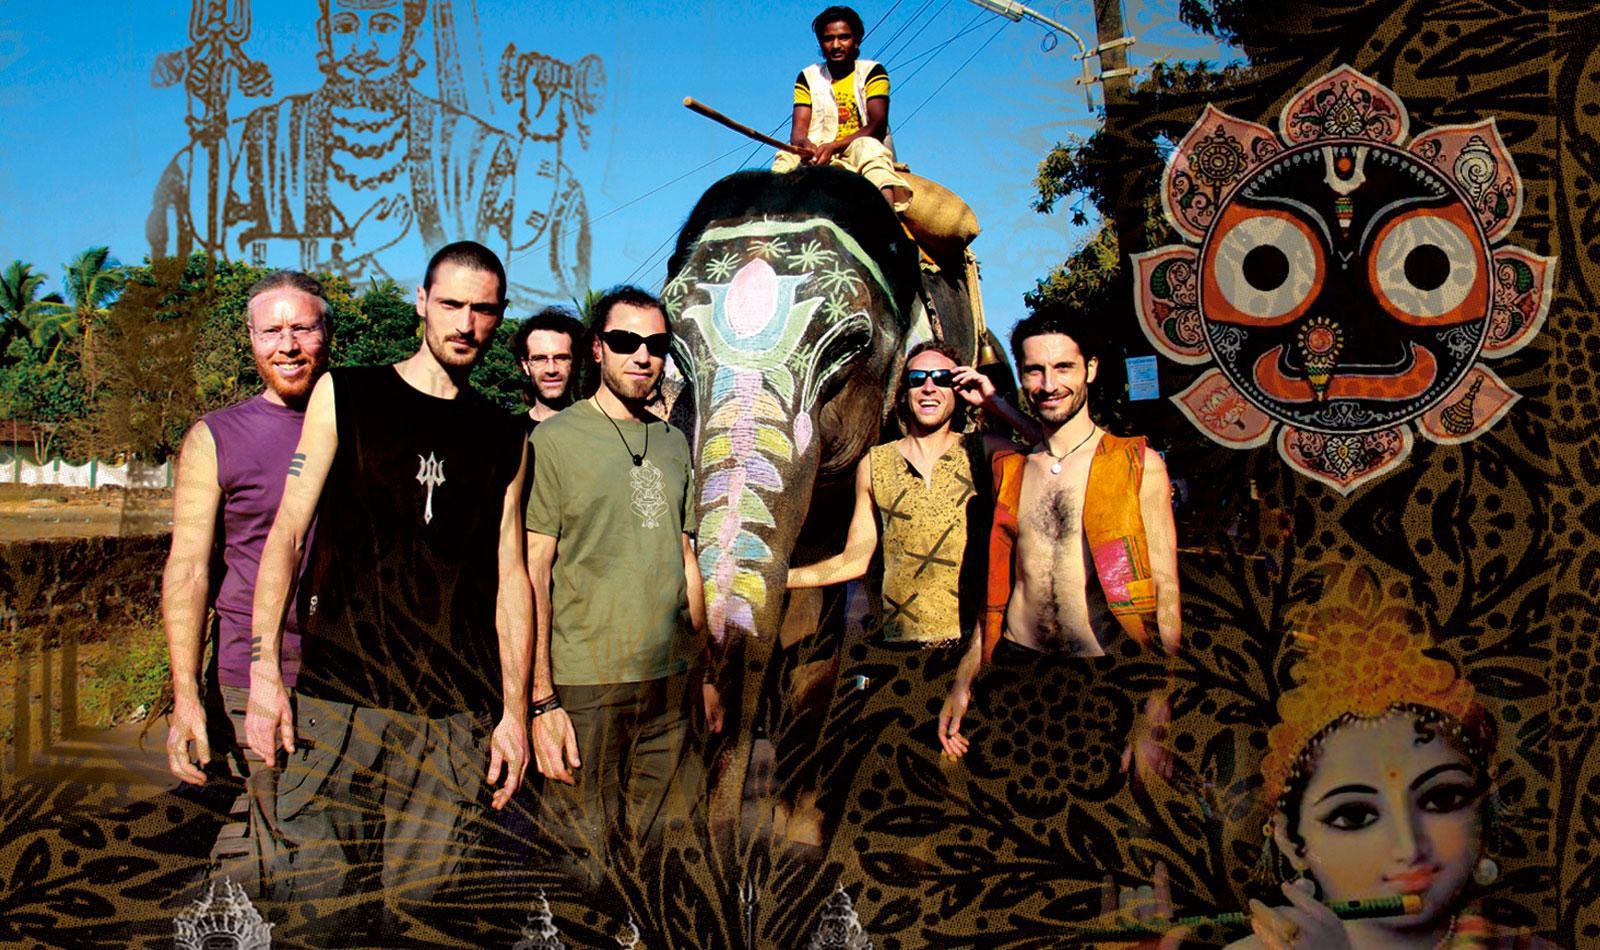 Hilight Tribe, la banda francesa que genera sonidos únicos - Radio Cantilo